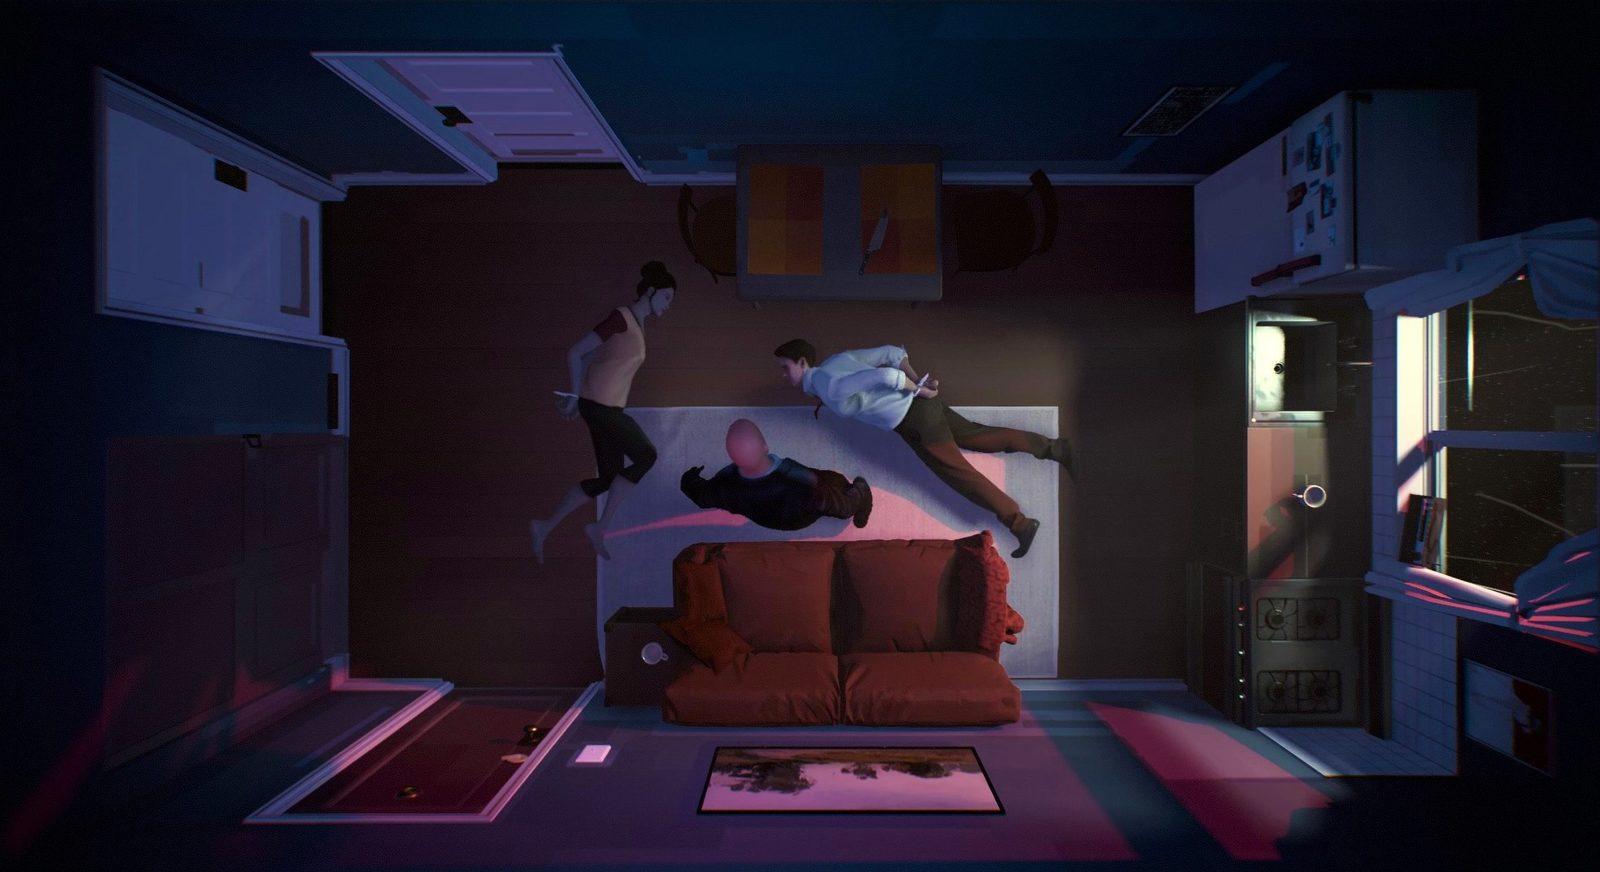 Персонажи игры Twelve Minutes заговорят голосами Дейзи Ридли, Джеймса Макэвоя и Уиллема Дефо